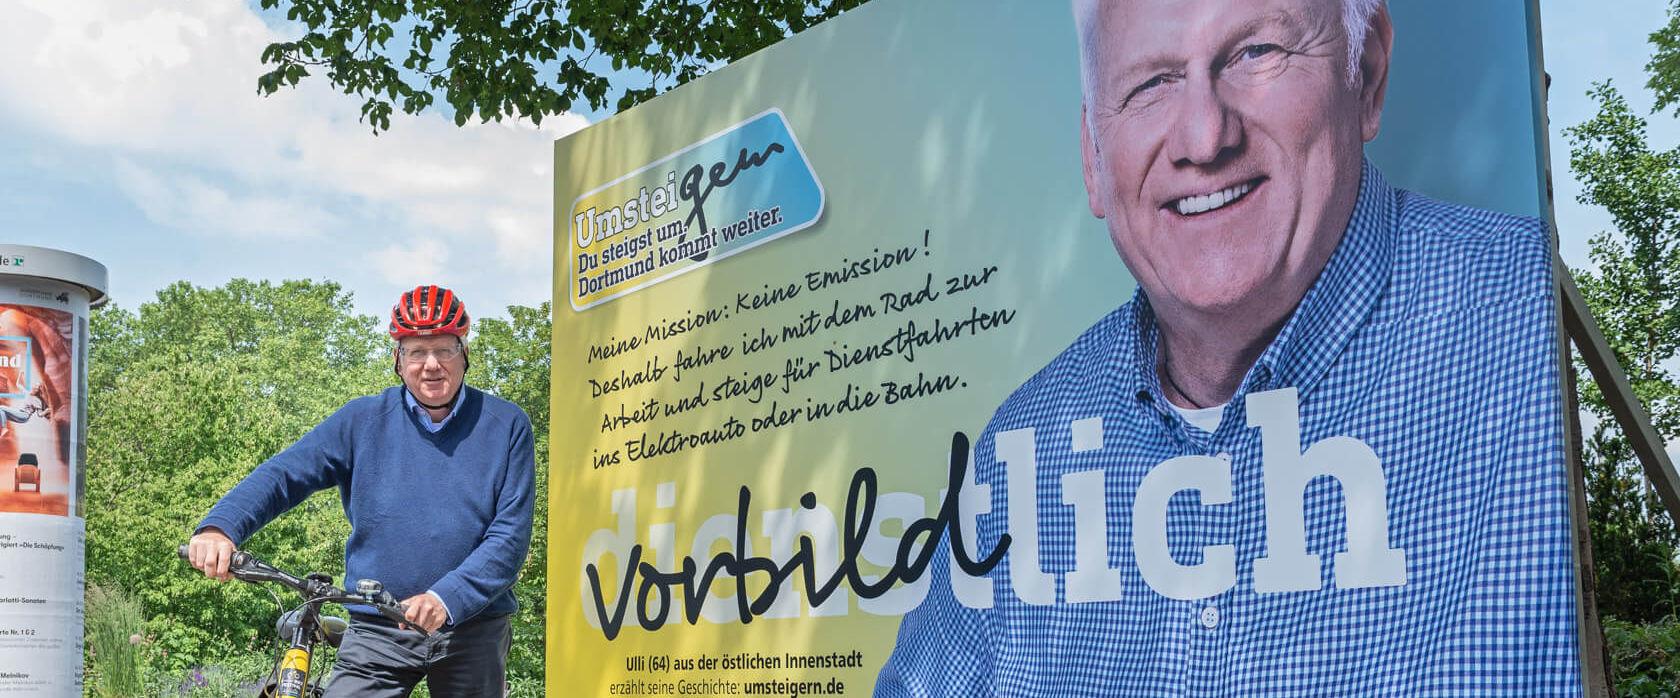 UmsteiGERN-Botschafter Ullrich Sierau vor Werbeplakat